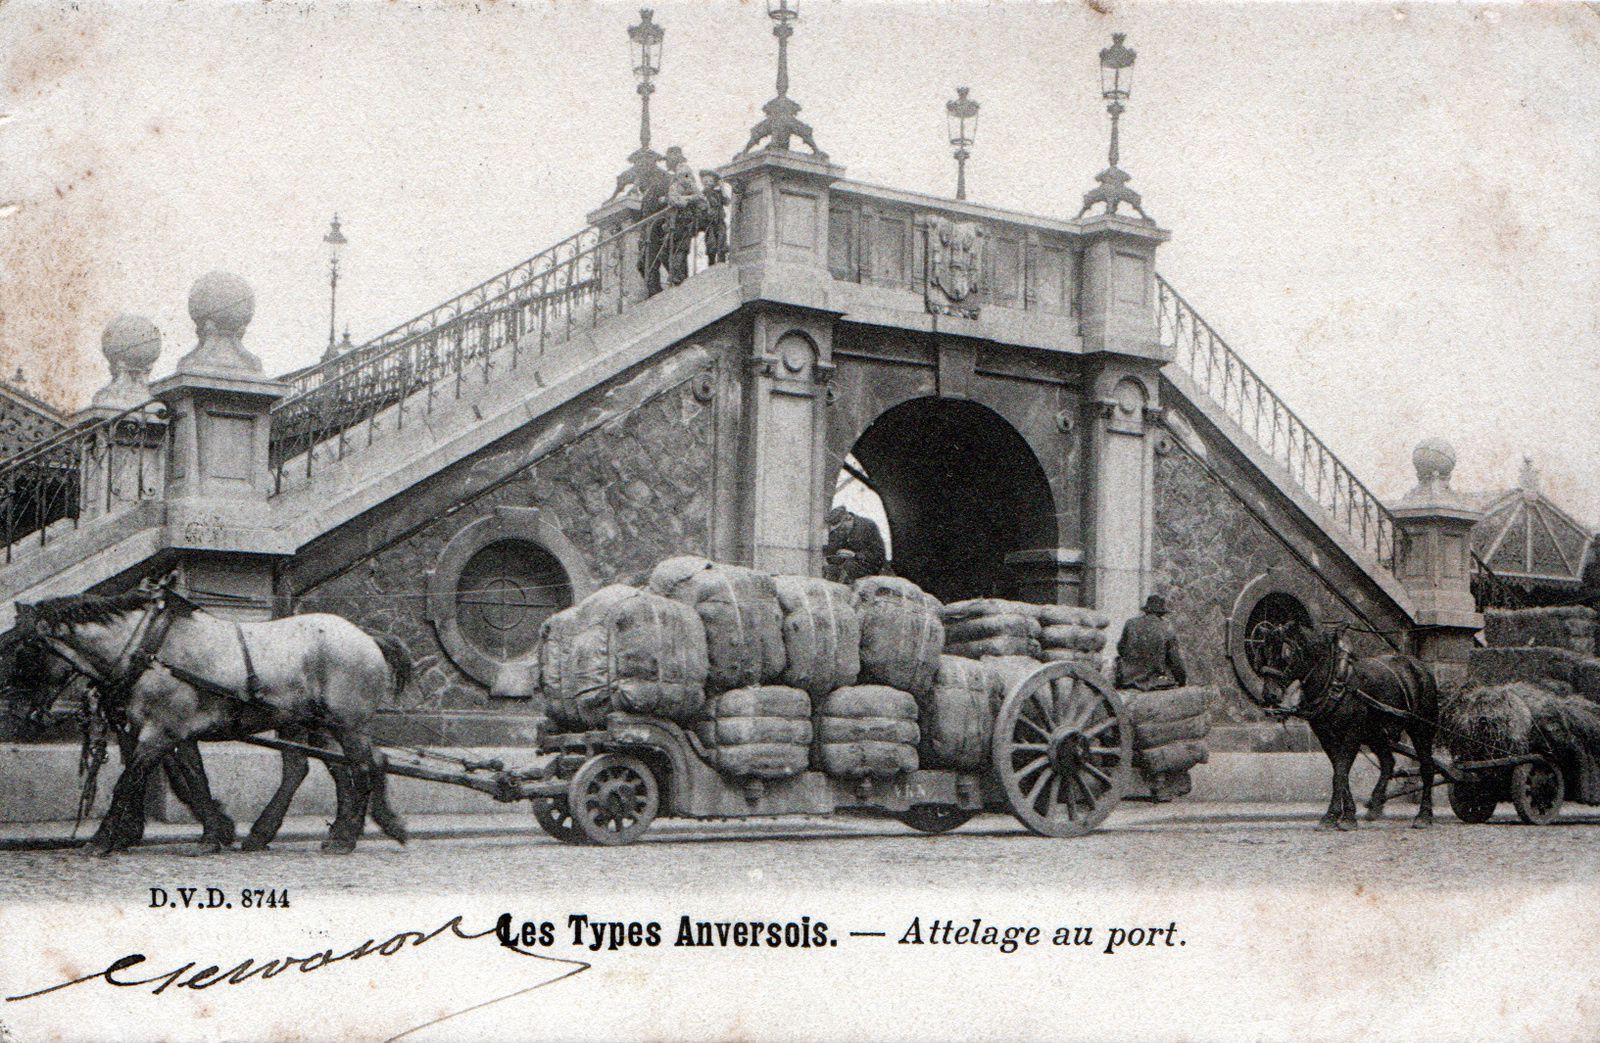 Chevaux de trait et voitures du port d'Anvers